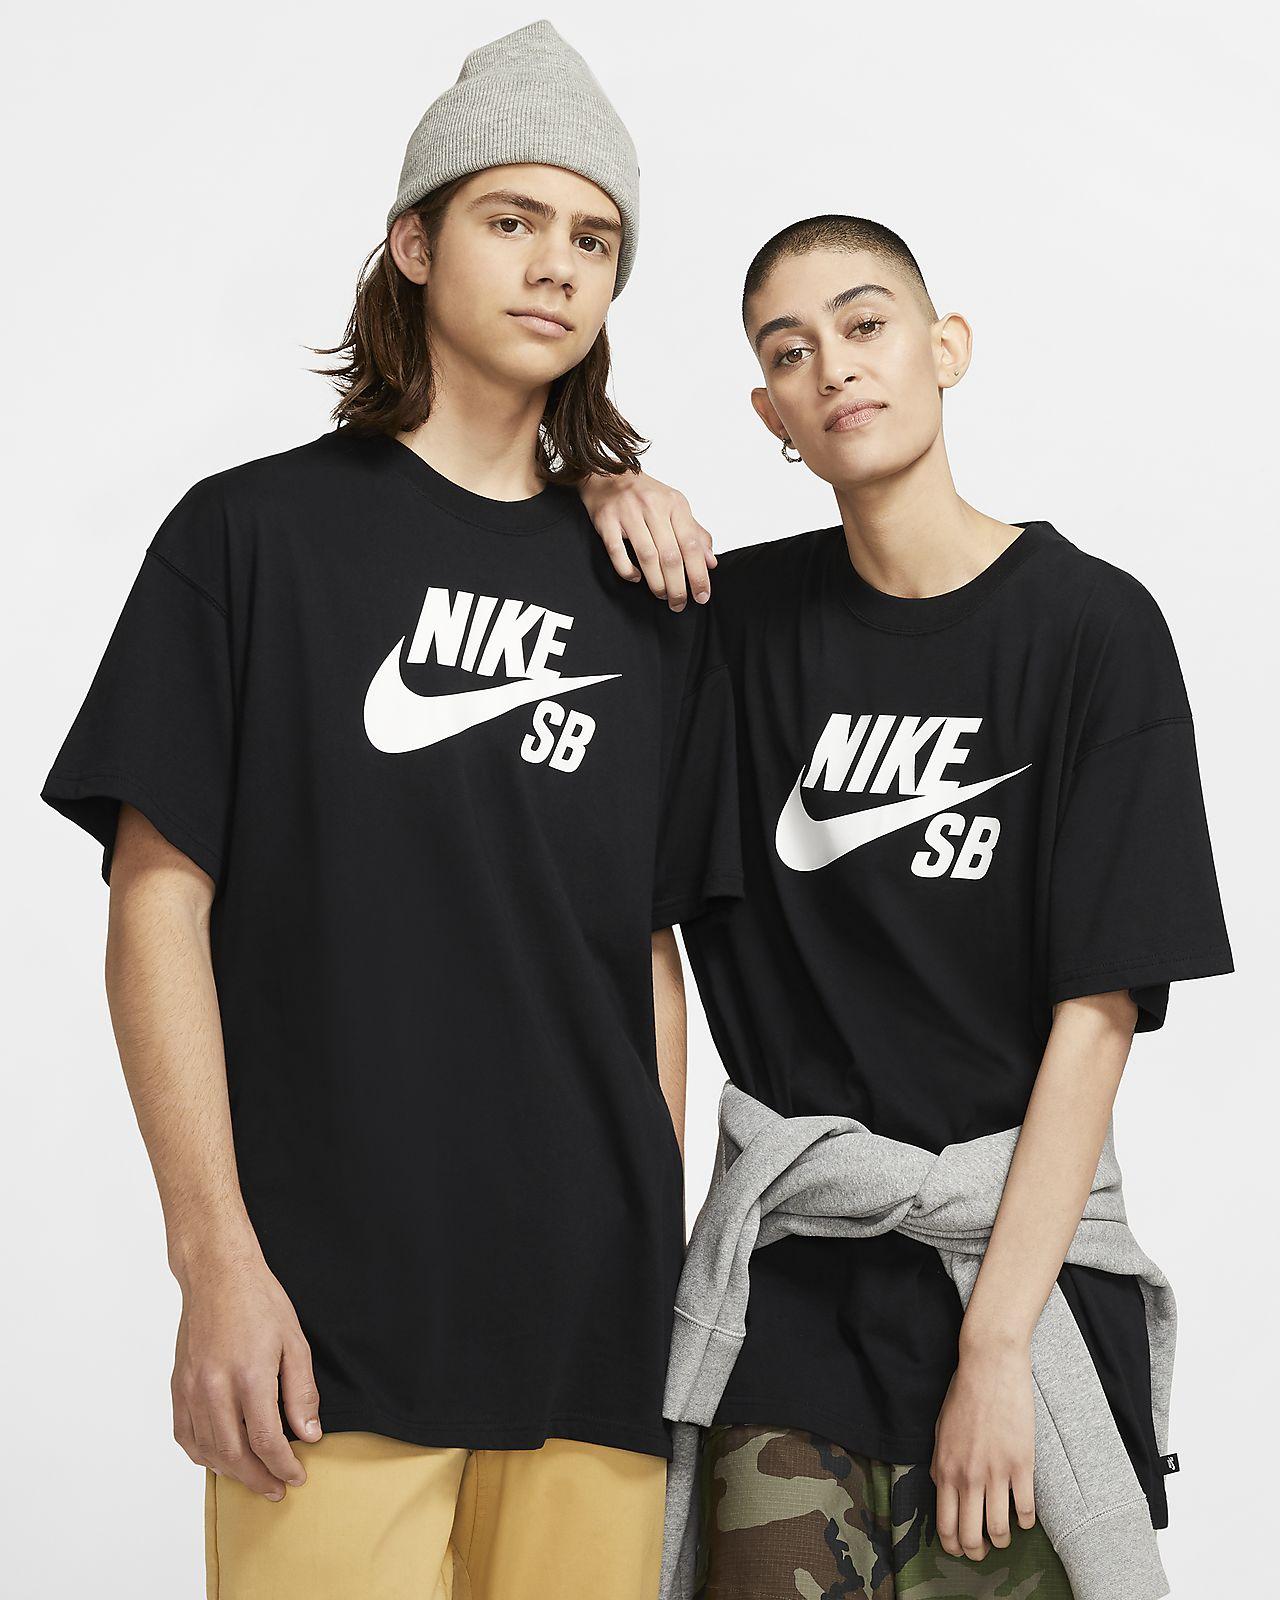 T shirt da skateboard con logo Nike SB